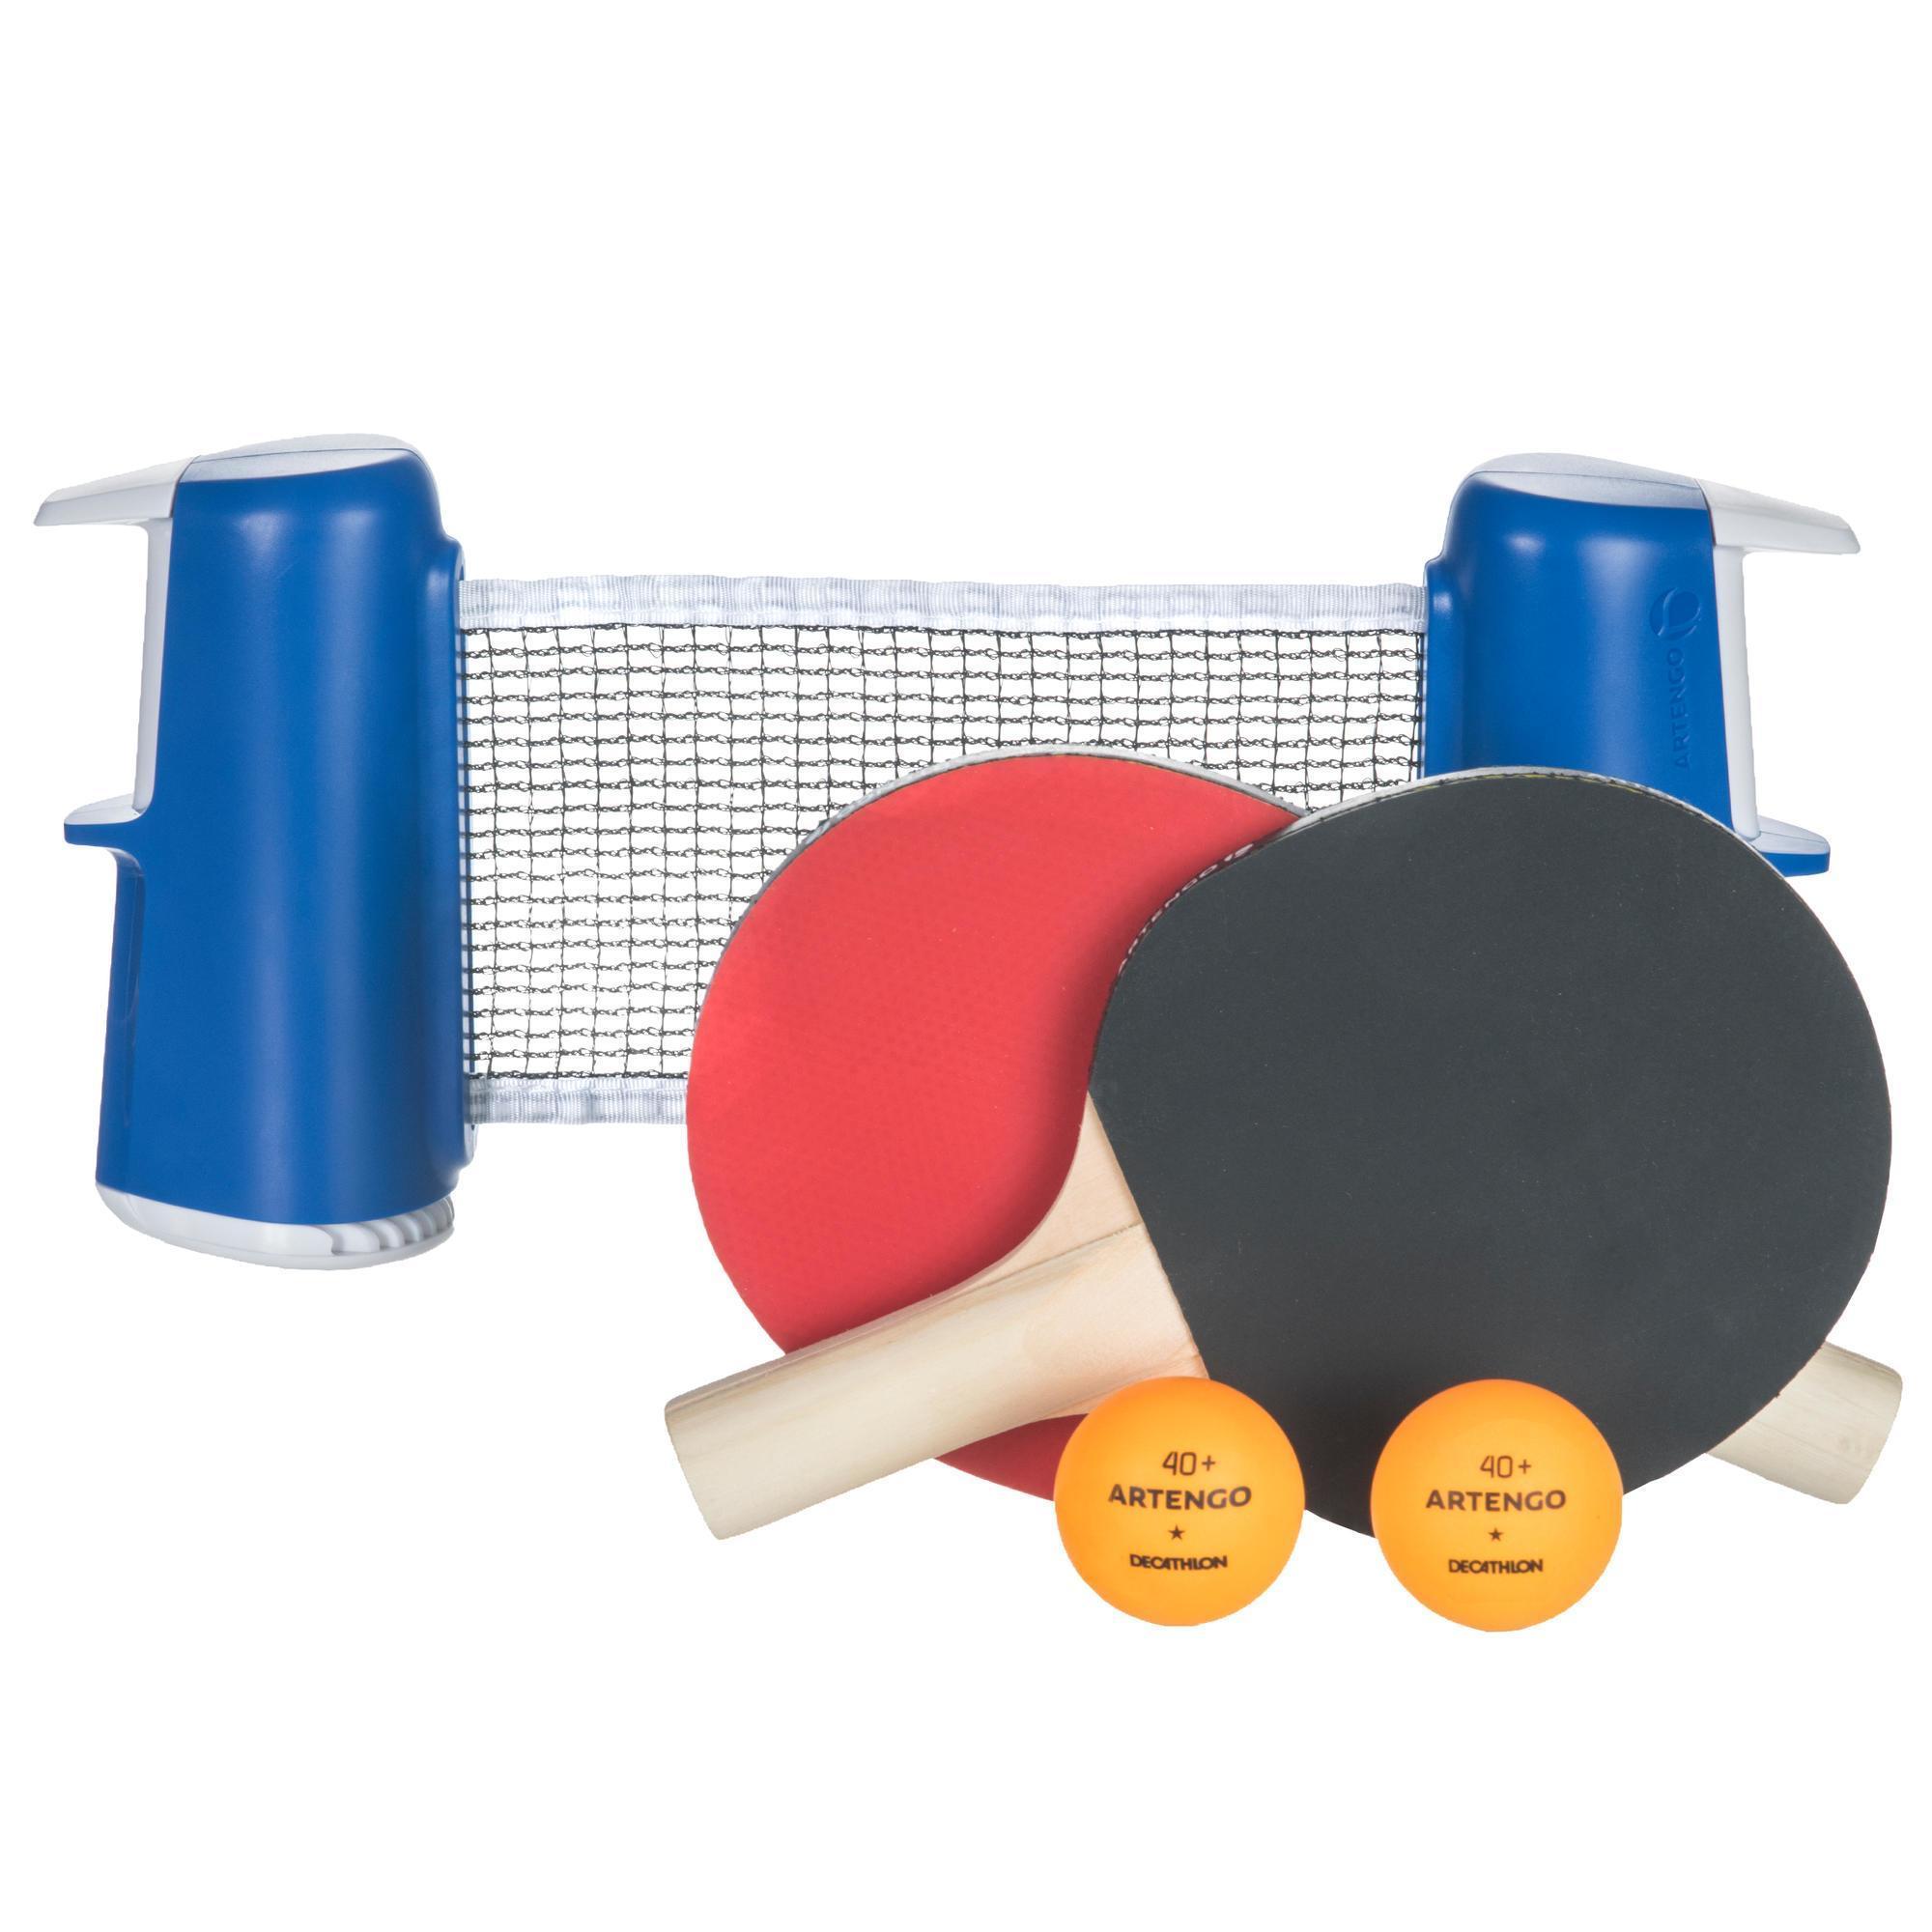 tischtennis set rollnet small 2 schlager 2 balle